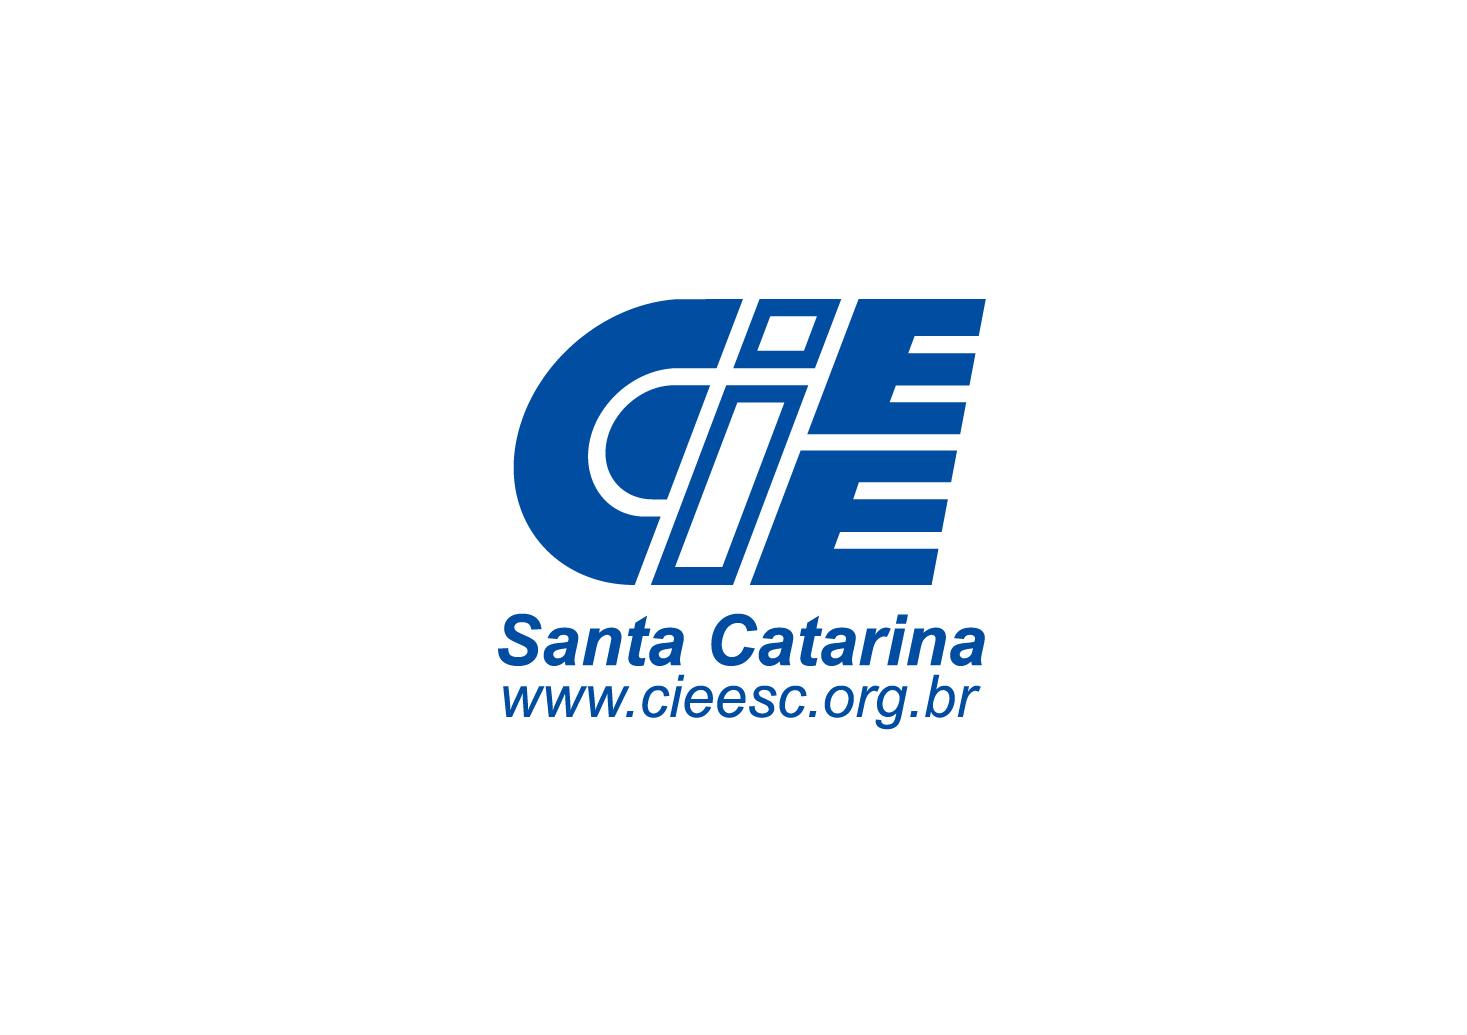 Logotipo AABRD CIEE - Centro de Integração Empresa - Escola